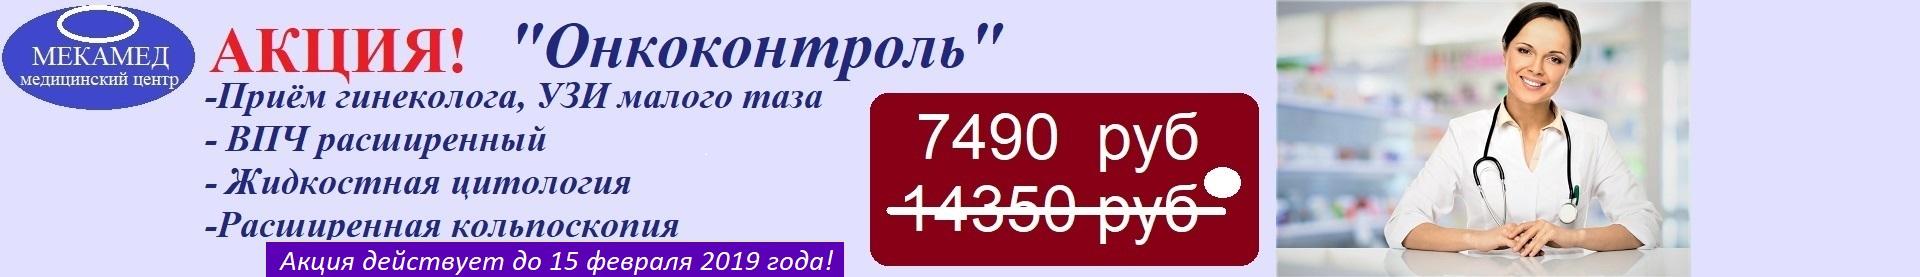 0nko150219